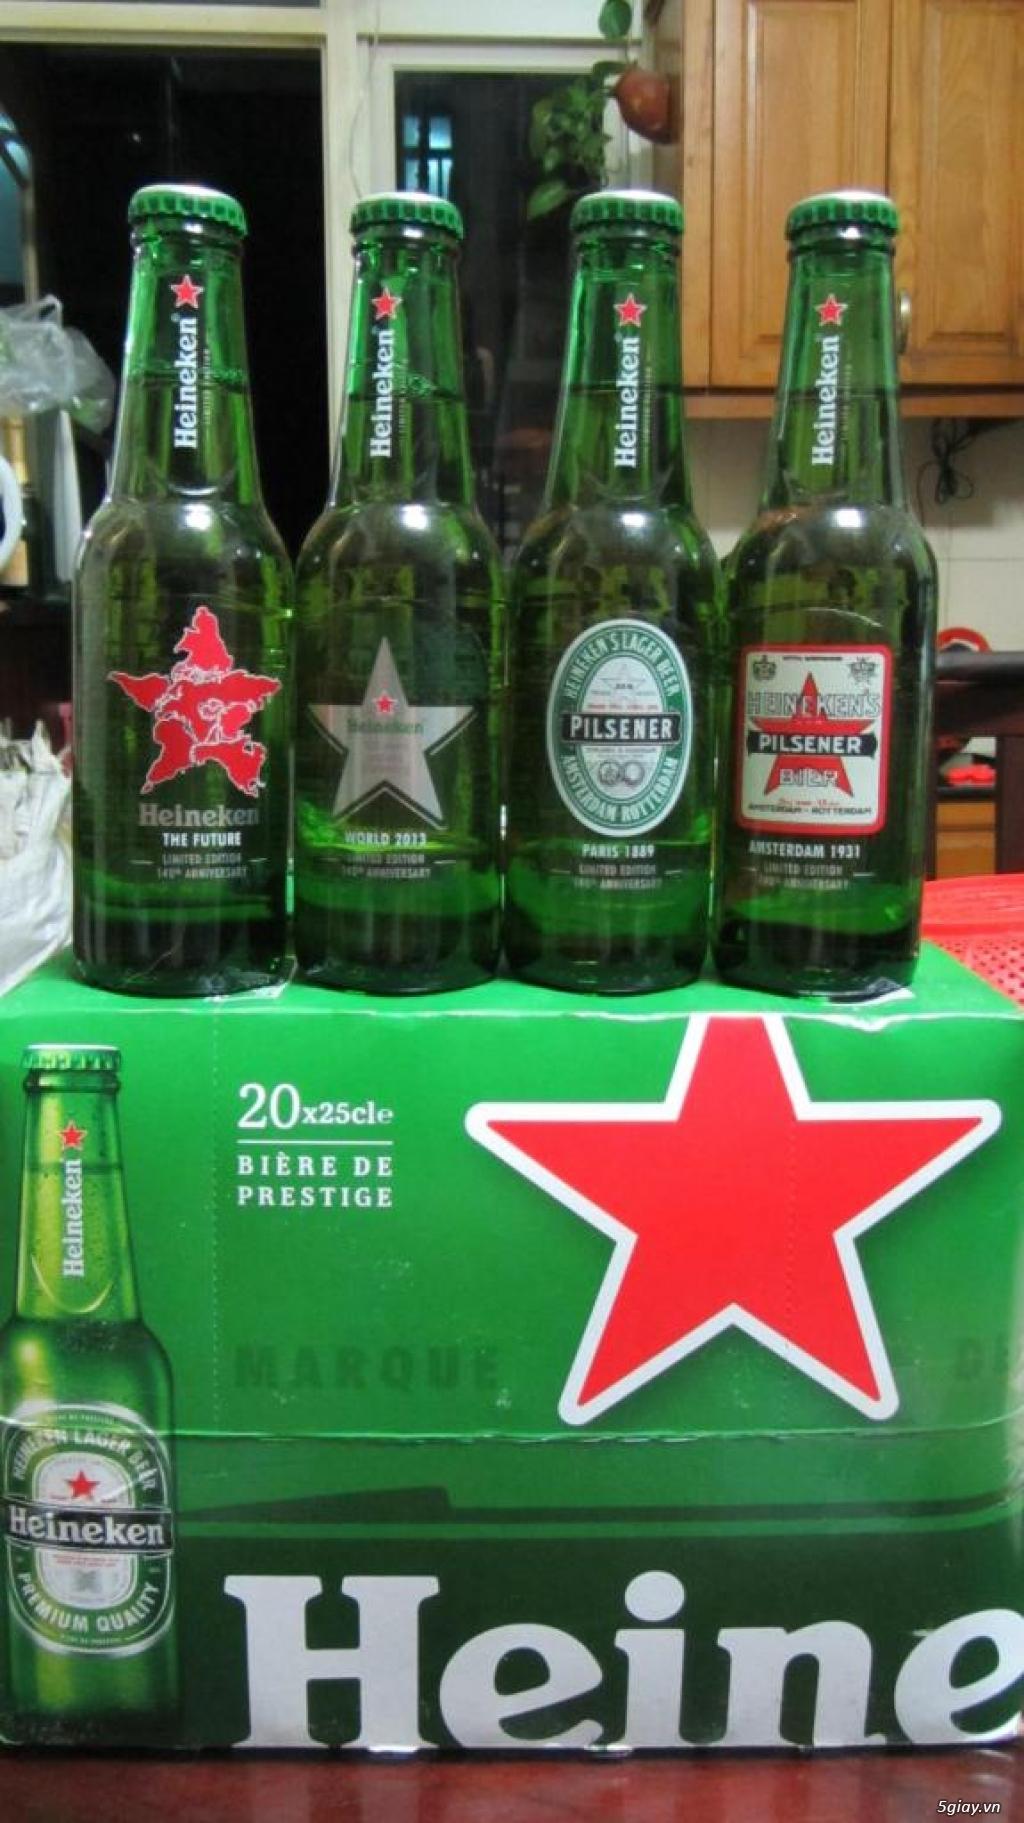 Ken Pháp (Heineken Pháp) nhập khẩu 420k/thùng LH 0903.99.7324 - 4